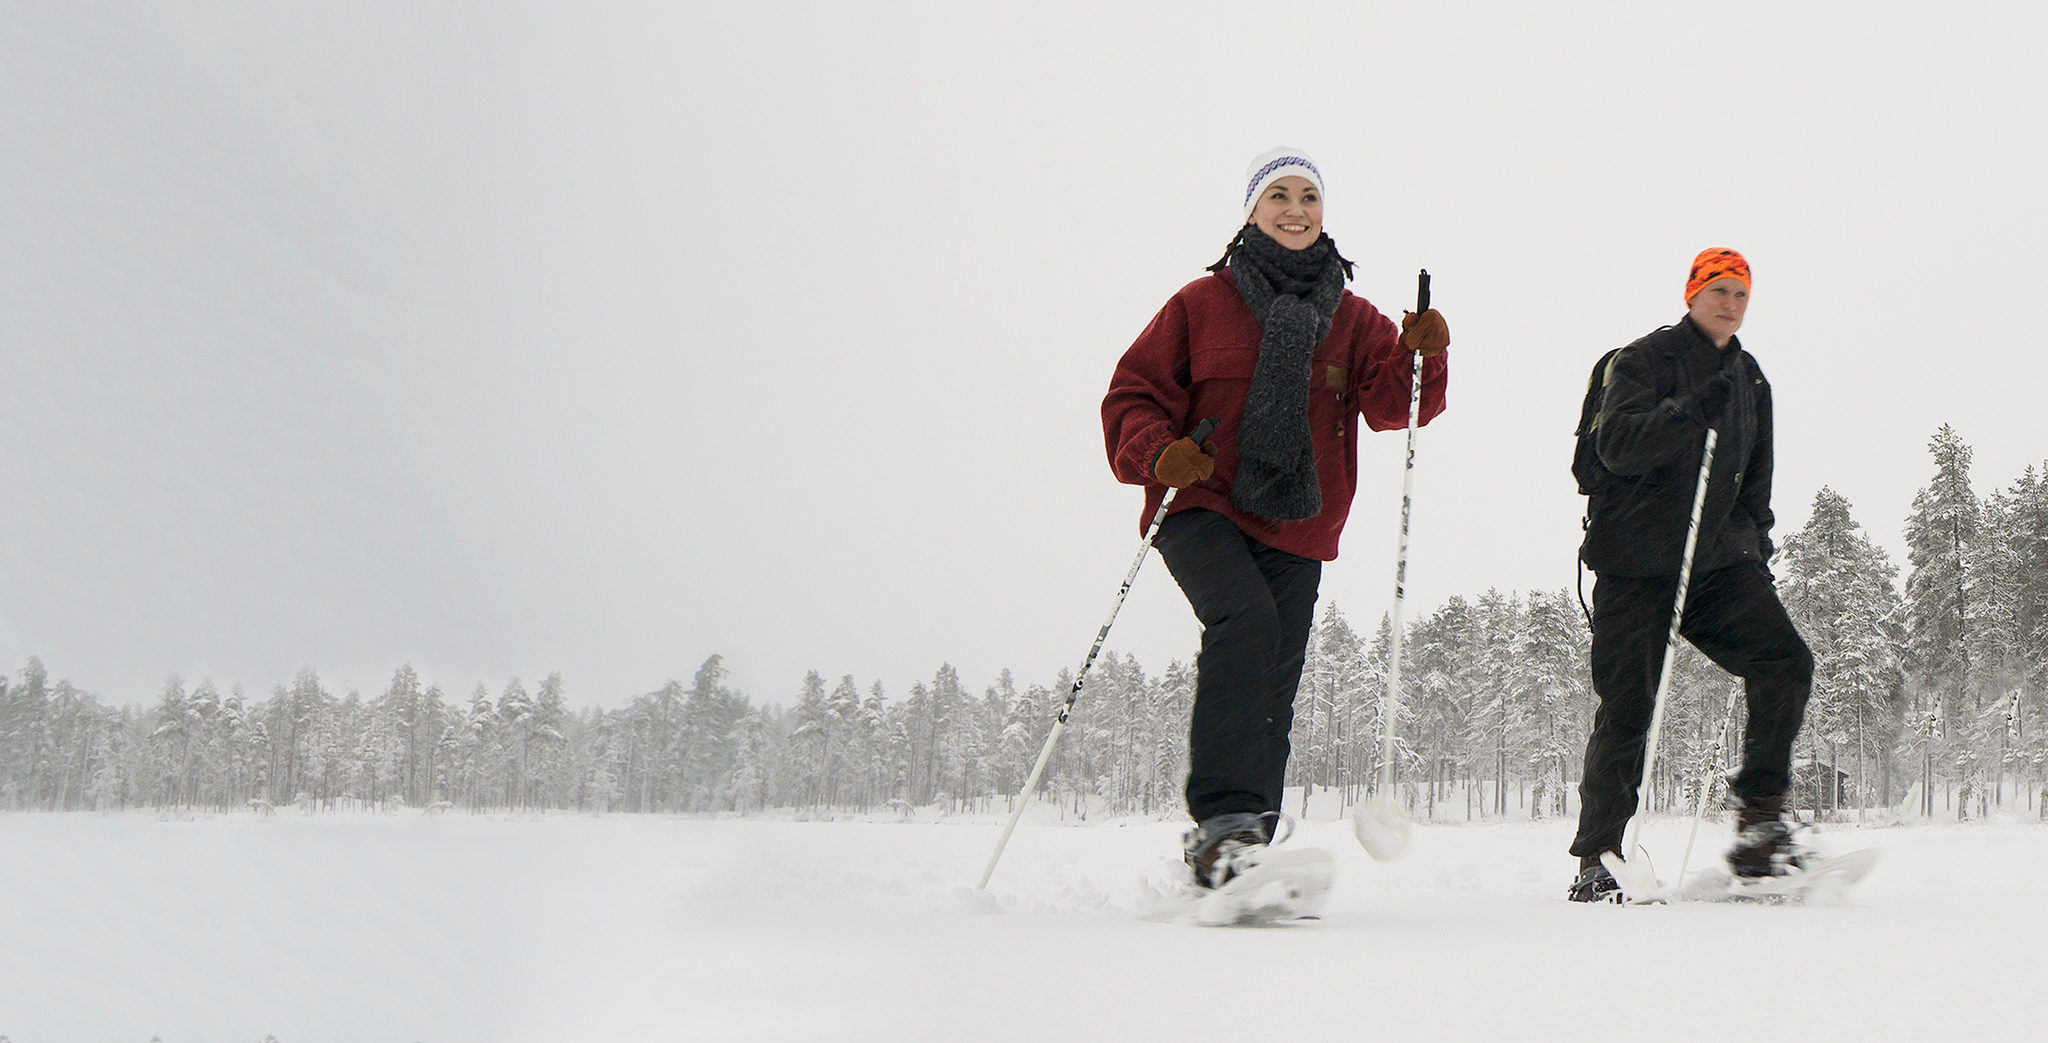 Jäniksen jäljillä - opastettu lumikenkäretki